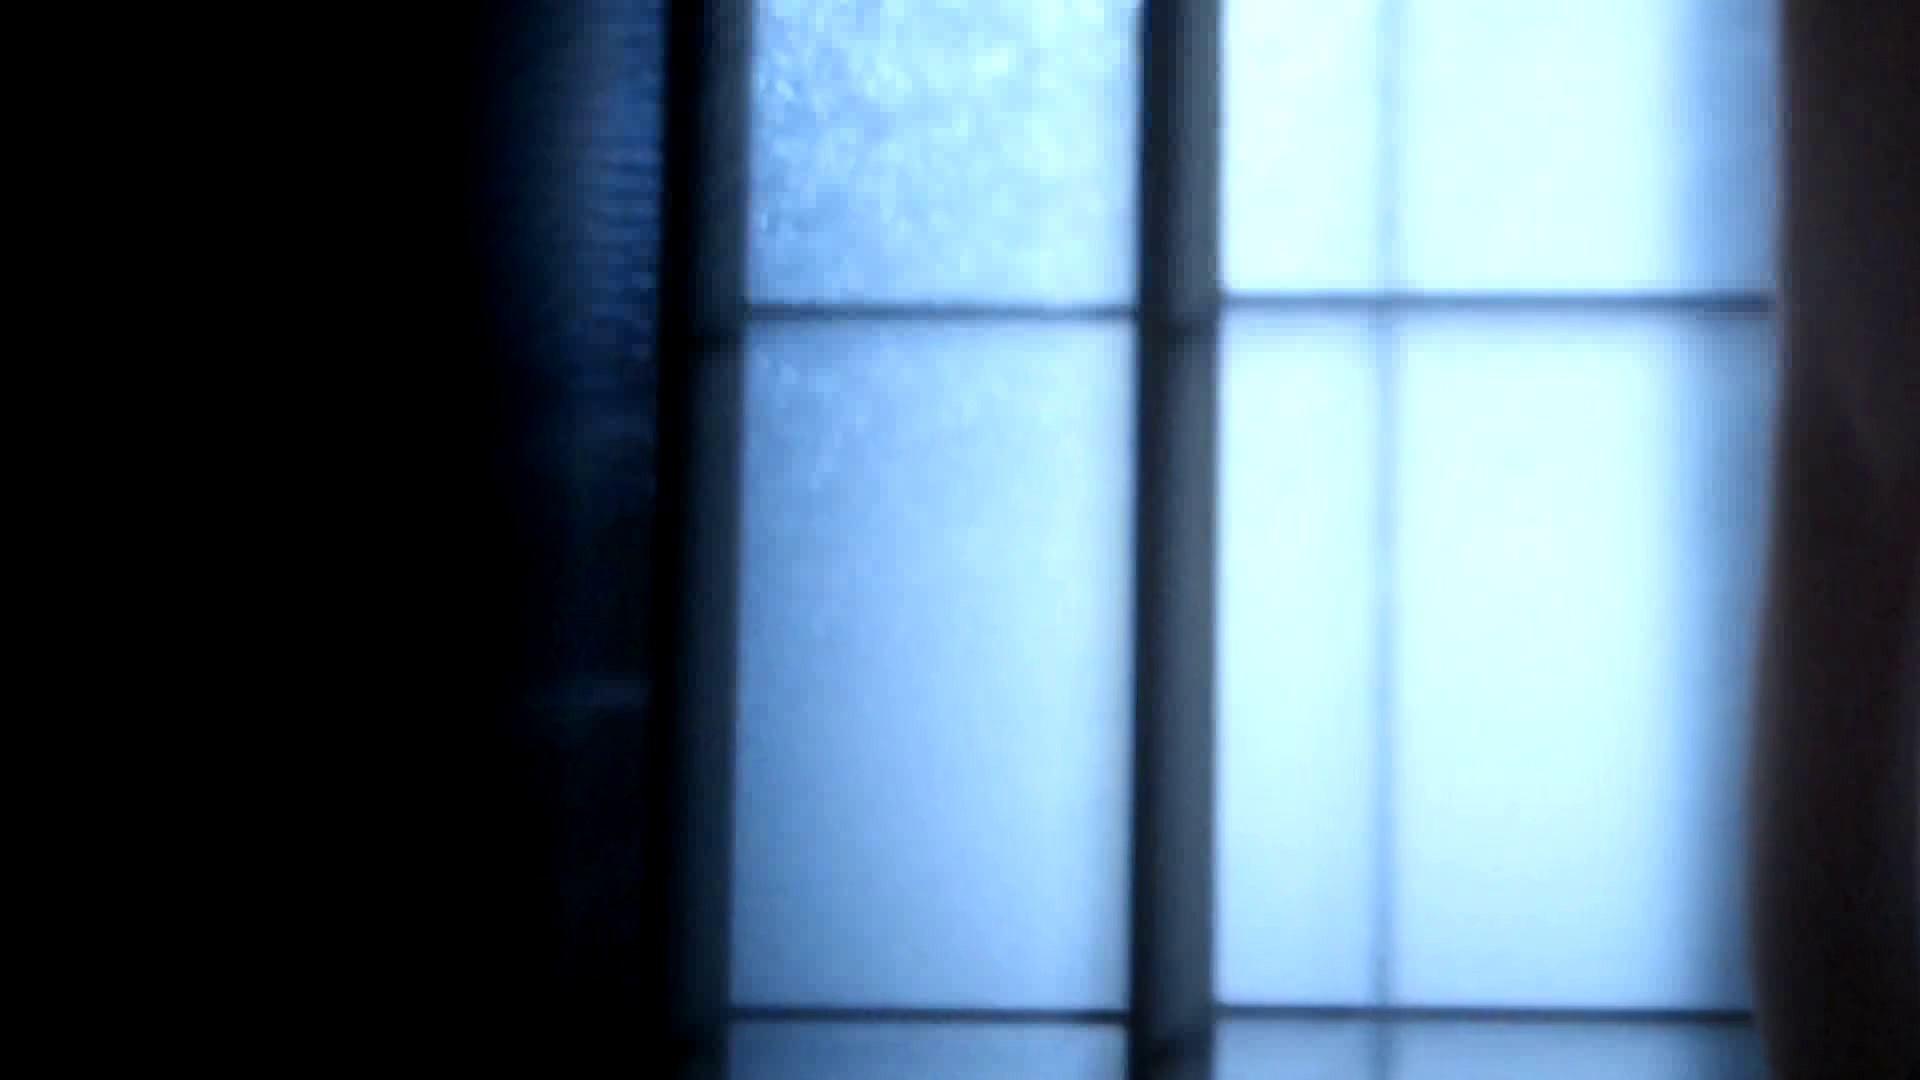 リアル盗撮 清楚なお女市さんのマル秘私生活② 0  56連発 35